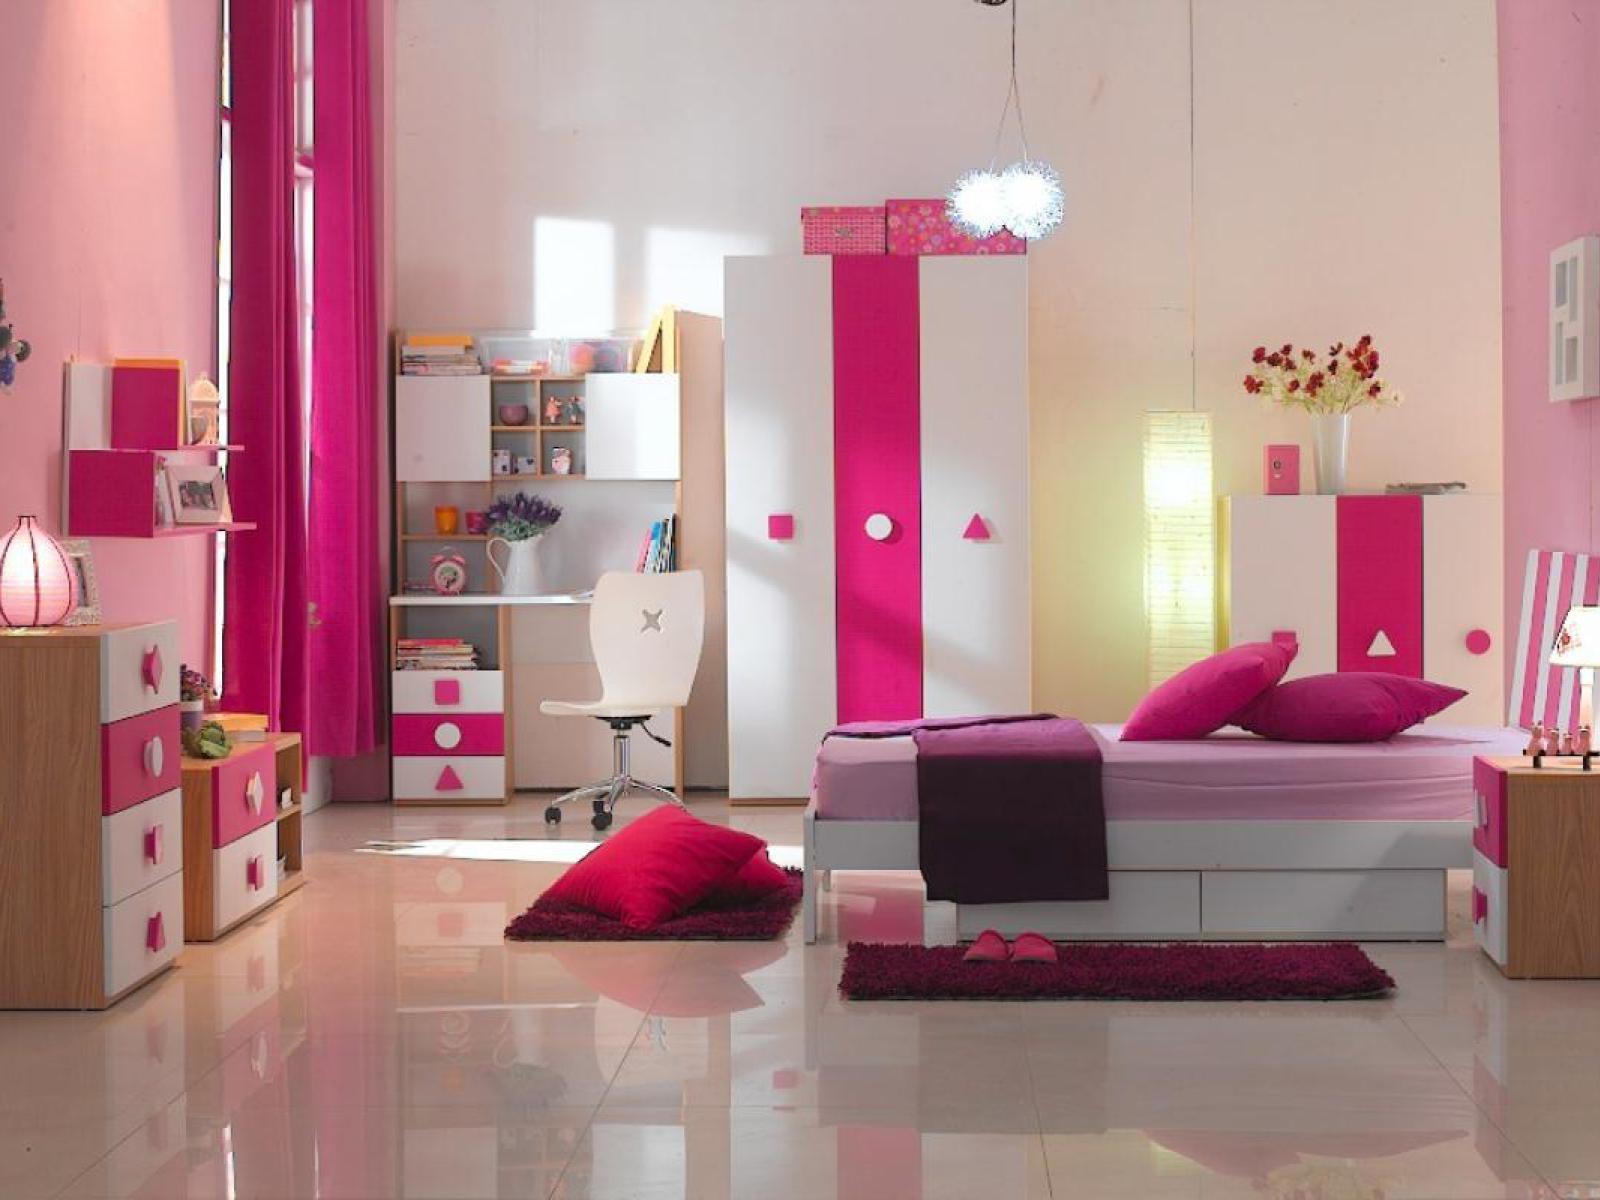 Bedroom Furniture Stunning Kids Bedroom Furniture Sets Design Throughout Childrens Bedroom Wardrobes (Image 8 of 25)